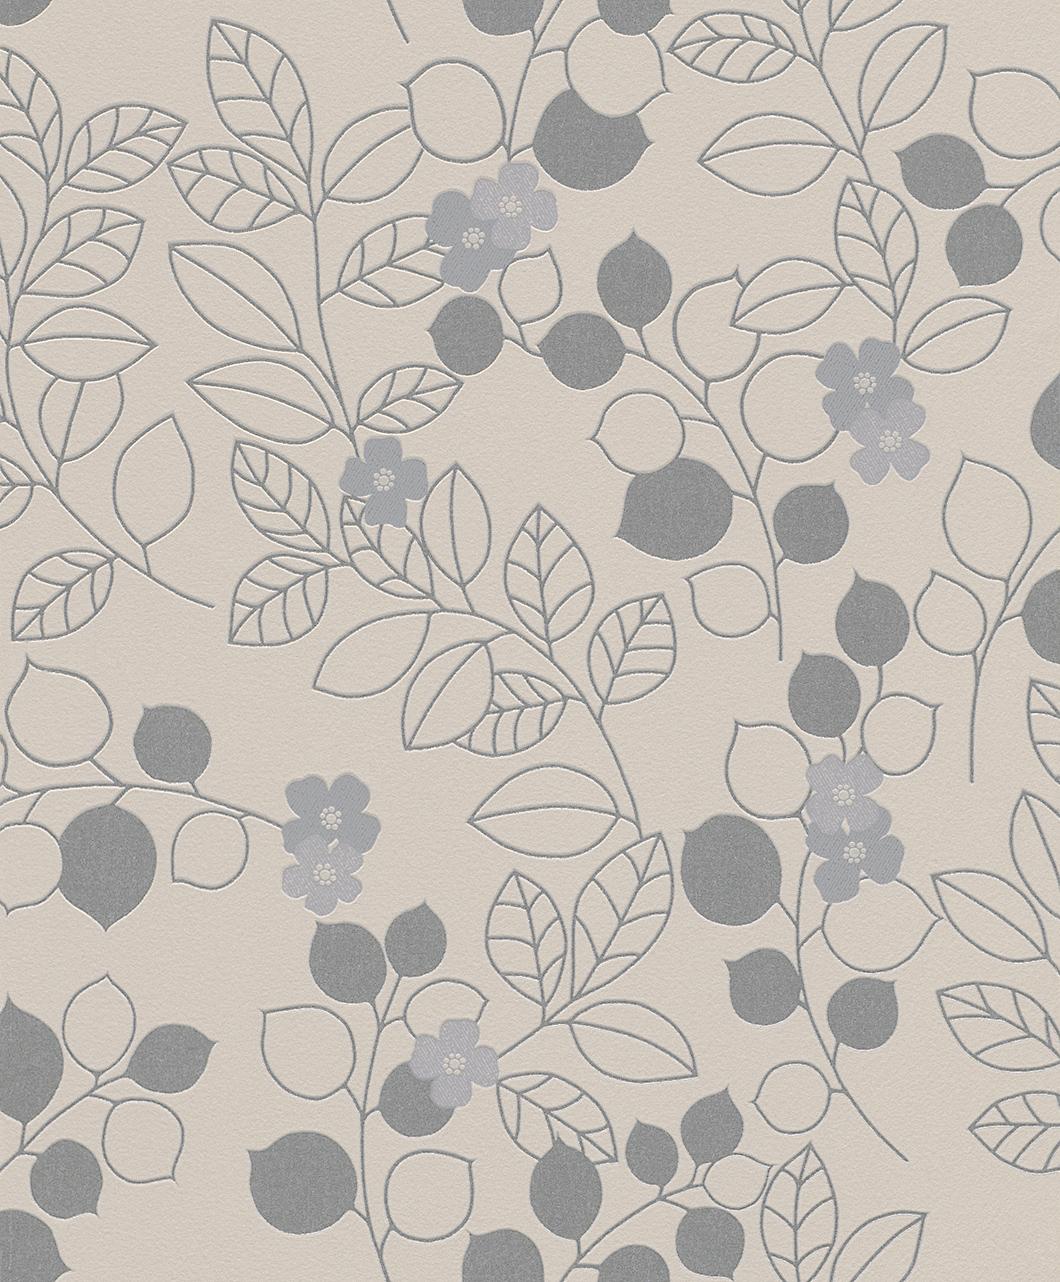 Tapeta na zeď Rasch Shiny Chic 309928 | 0,53 x 10,05 m (Vinylová tapeta - šedá, stříbrná)